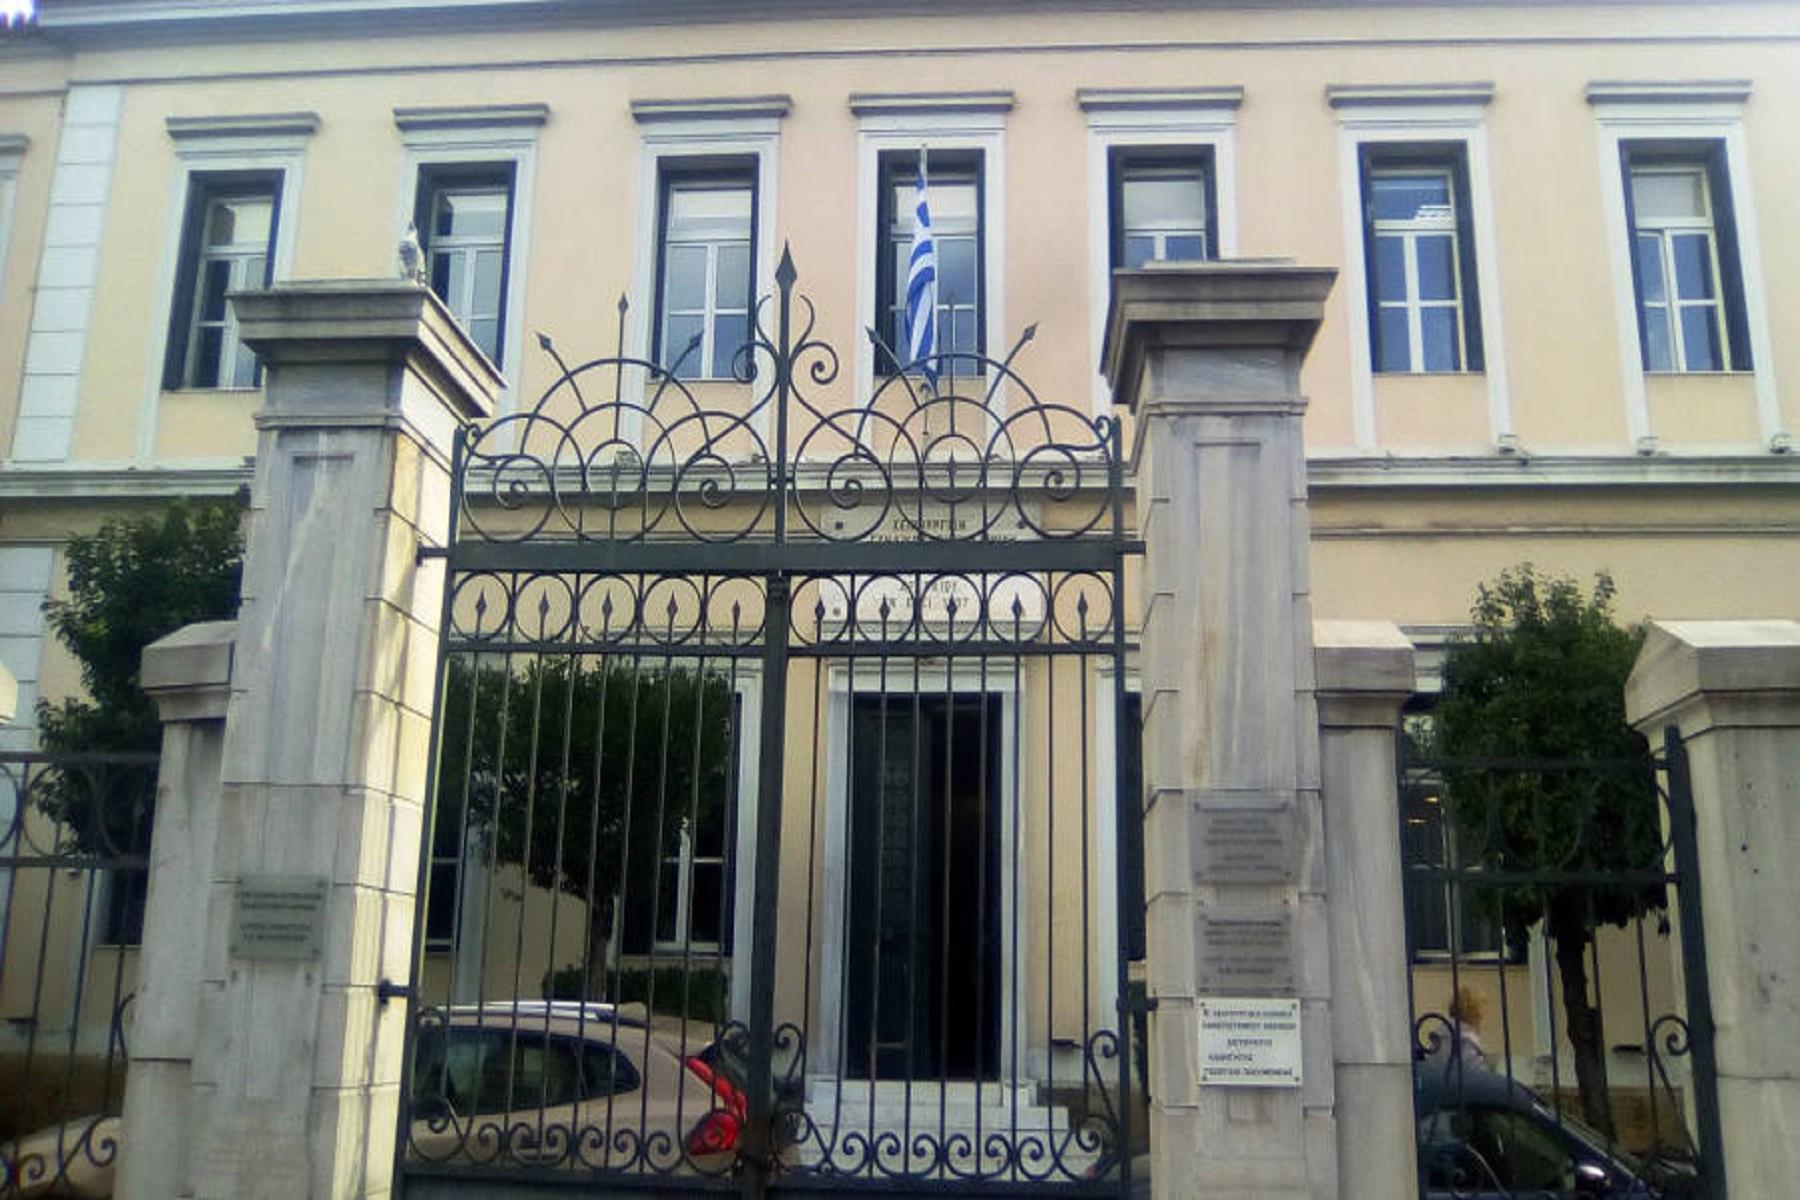 Νοσοκομείο Ελληνικό: Πρωτοποριακή θεραπεία για βαρύ εγκεφαλικό επεισόδιο